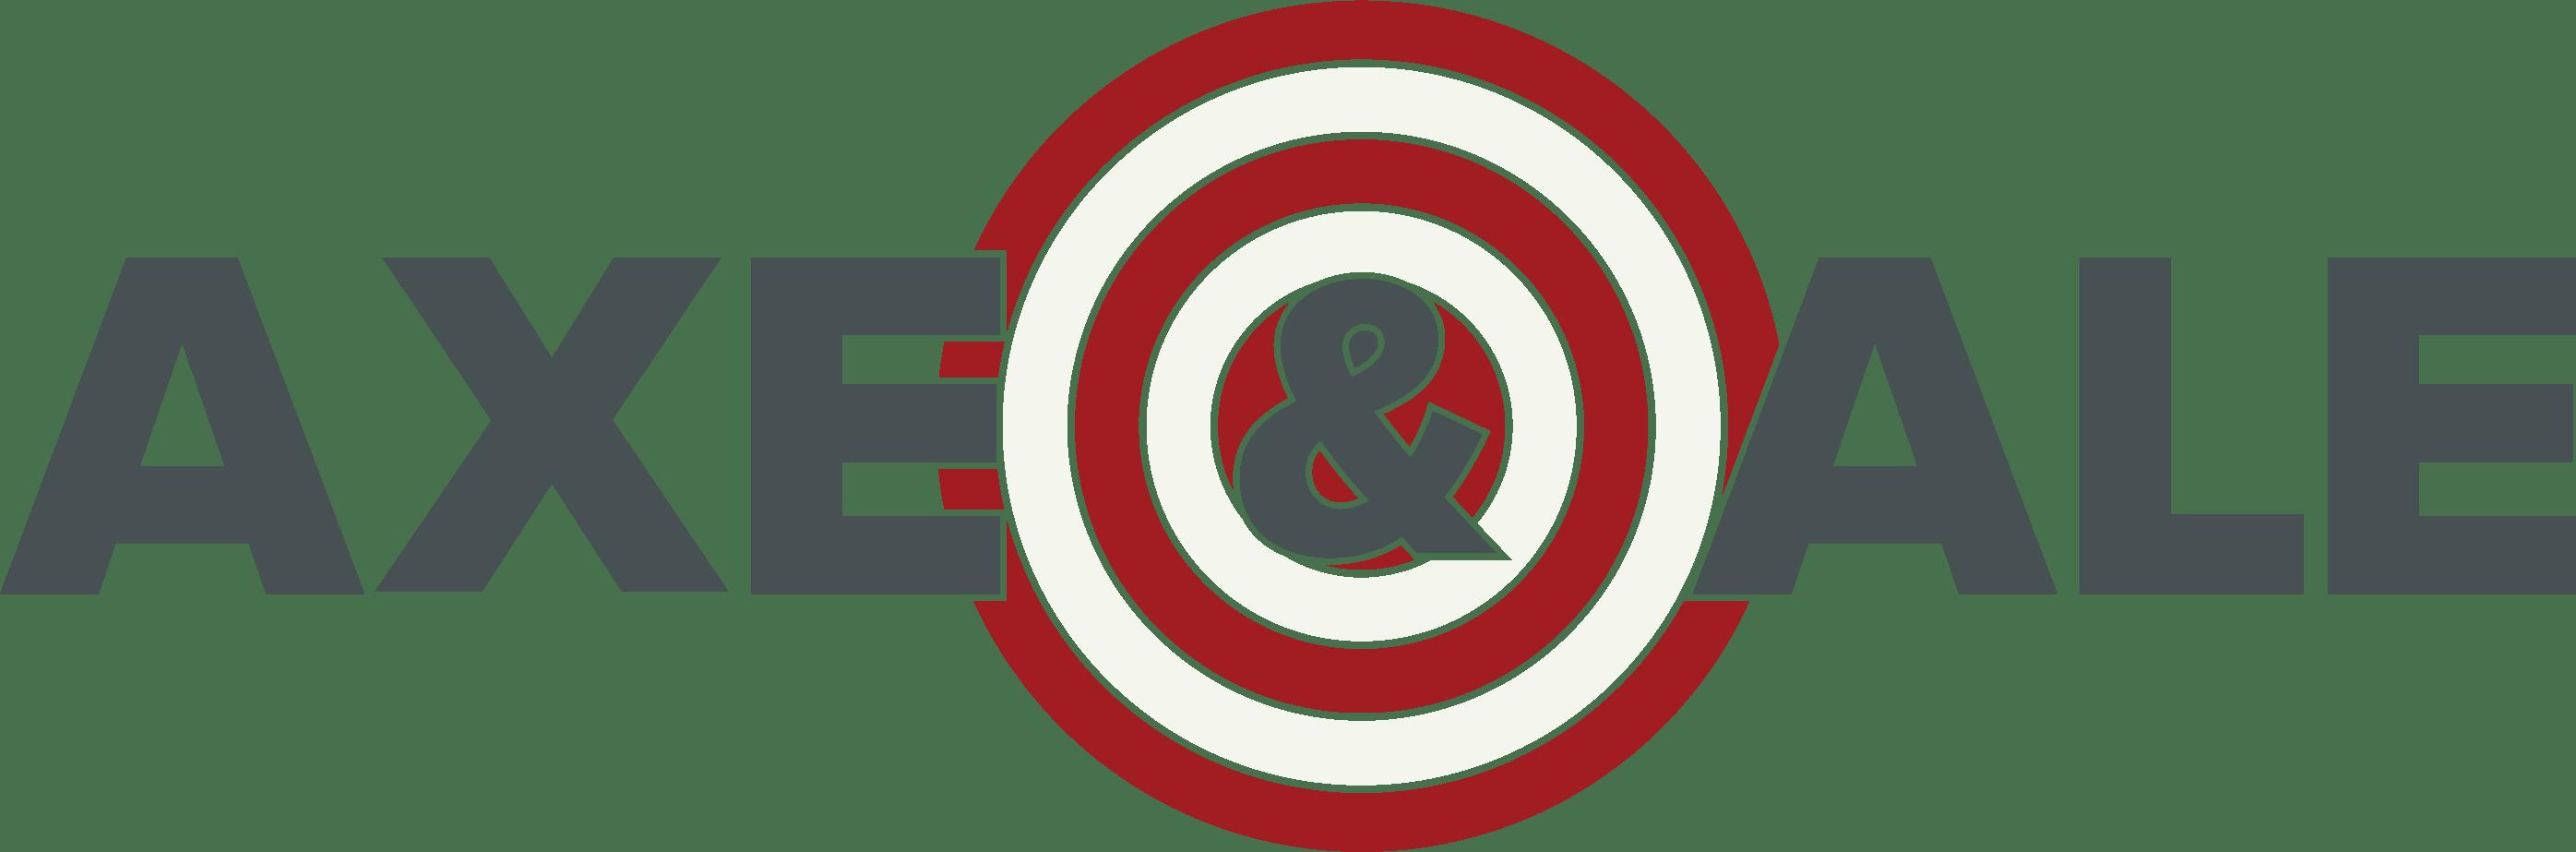 Axe and Ale Logo - Topeka, Kanasas